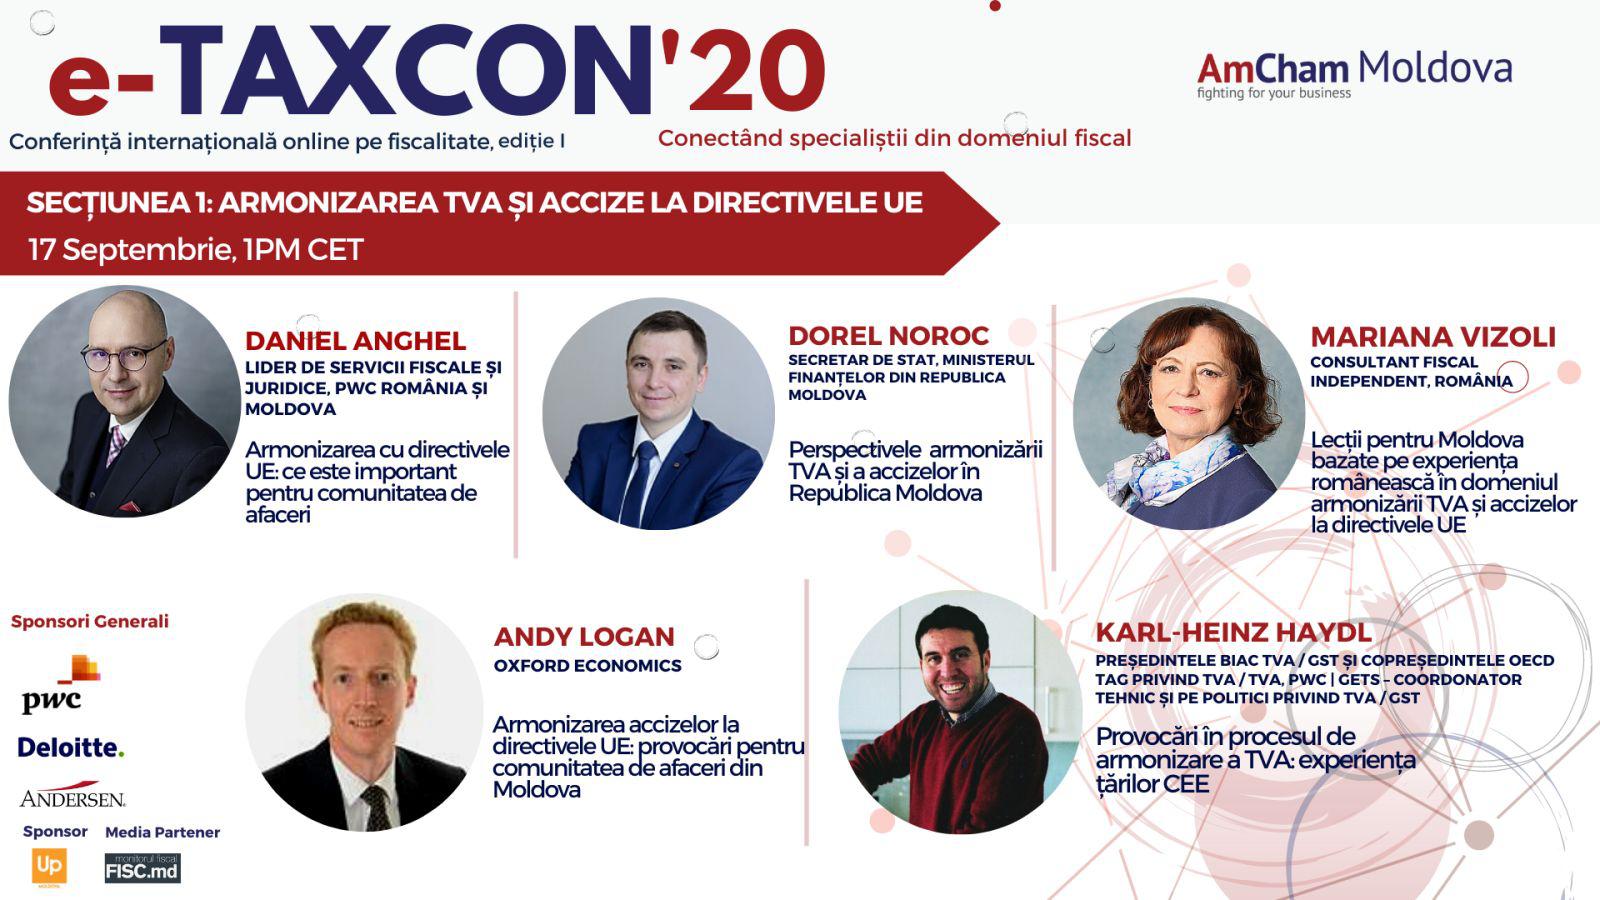 e-TAXCON'20 – prima conferință internațională online cu tematică fiscală din Republica Moldova